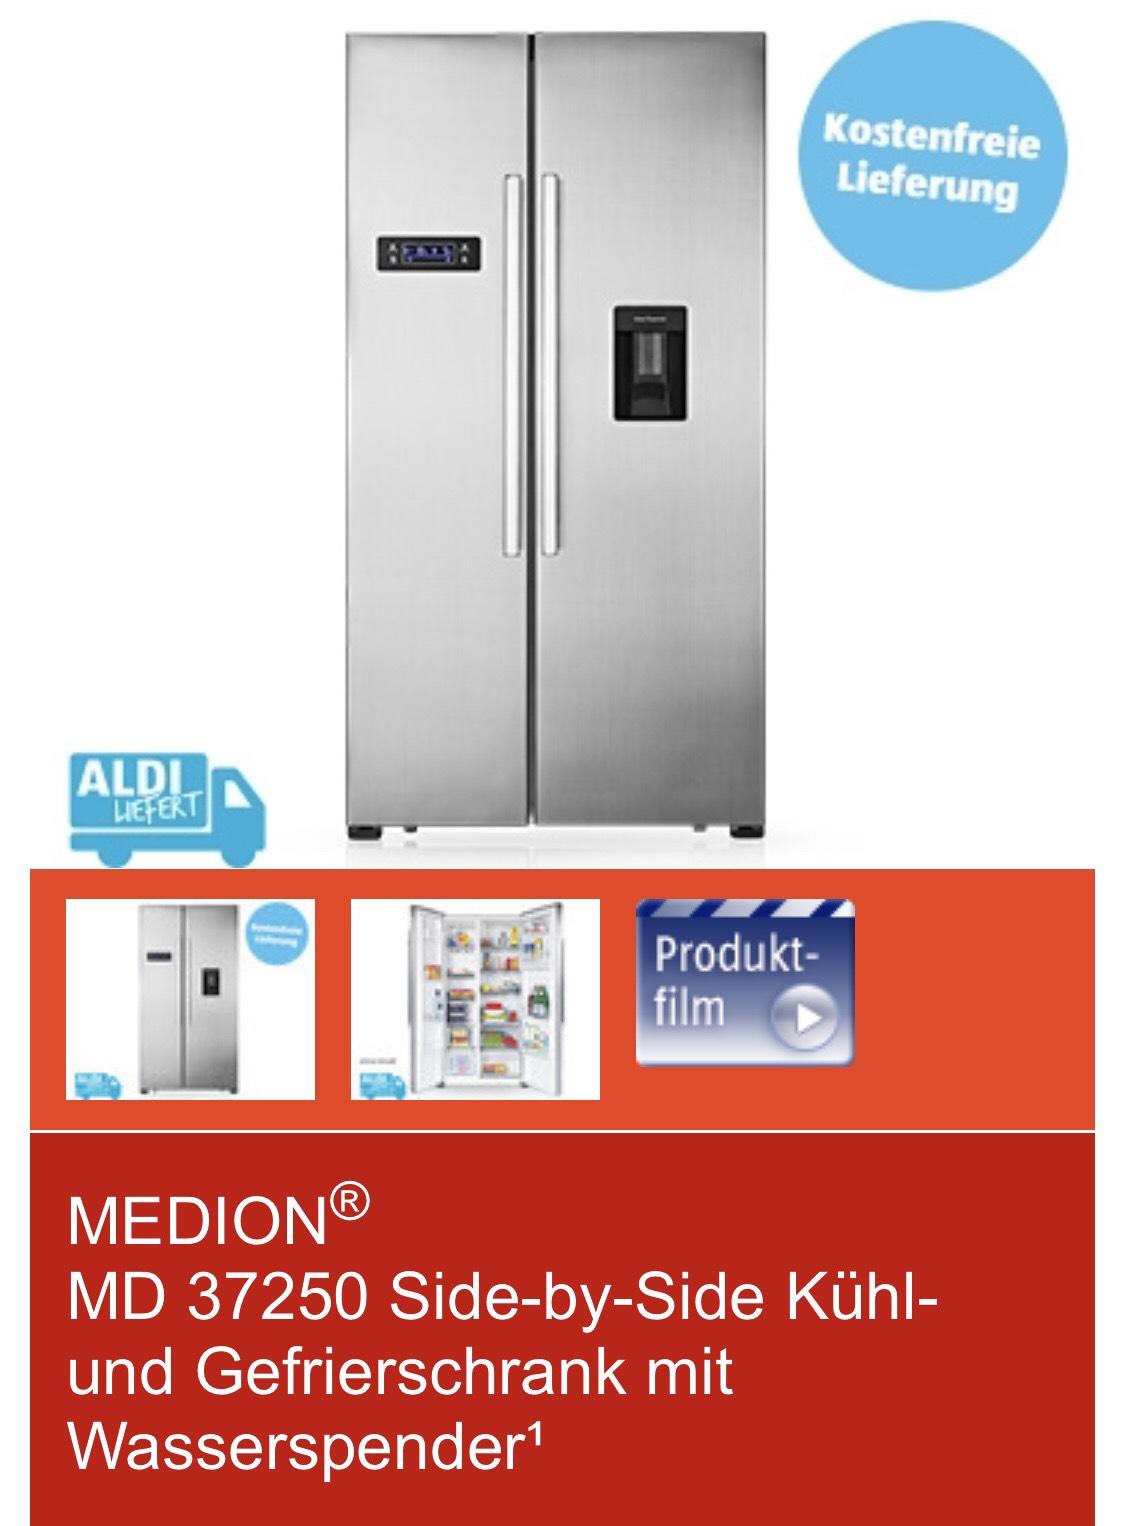 Side-by-Side Kühl- und Gefrierschrank mit Wasserspender